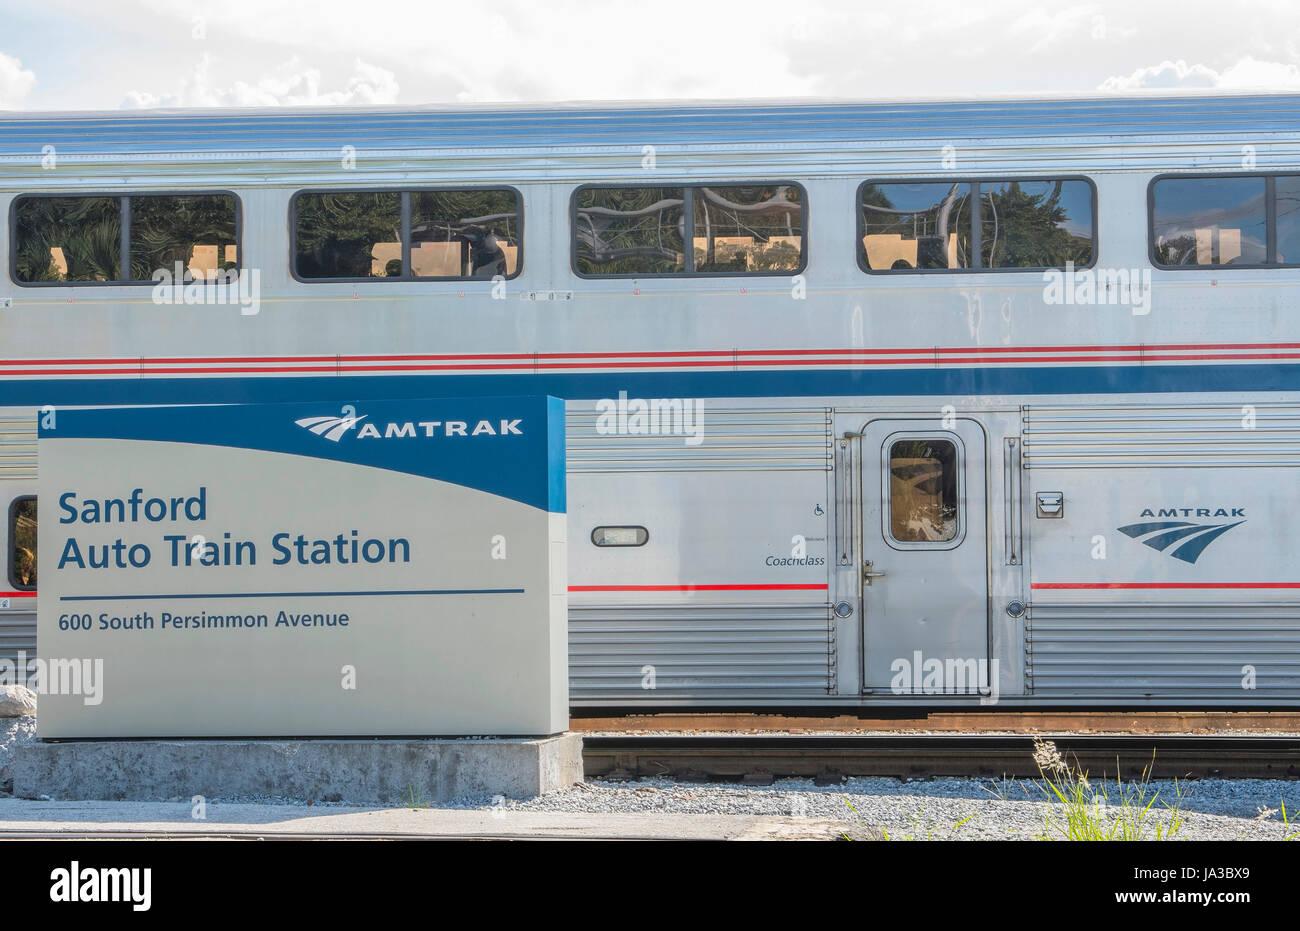 Sanford Florida Auto Train Amtrak de la Floride à Washington DC avec des wagons du train, Banque D'Images